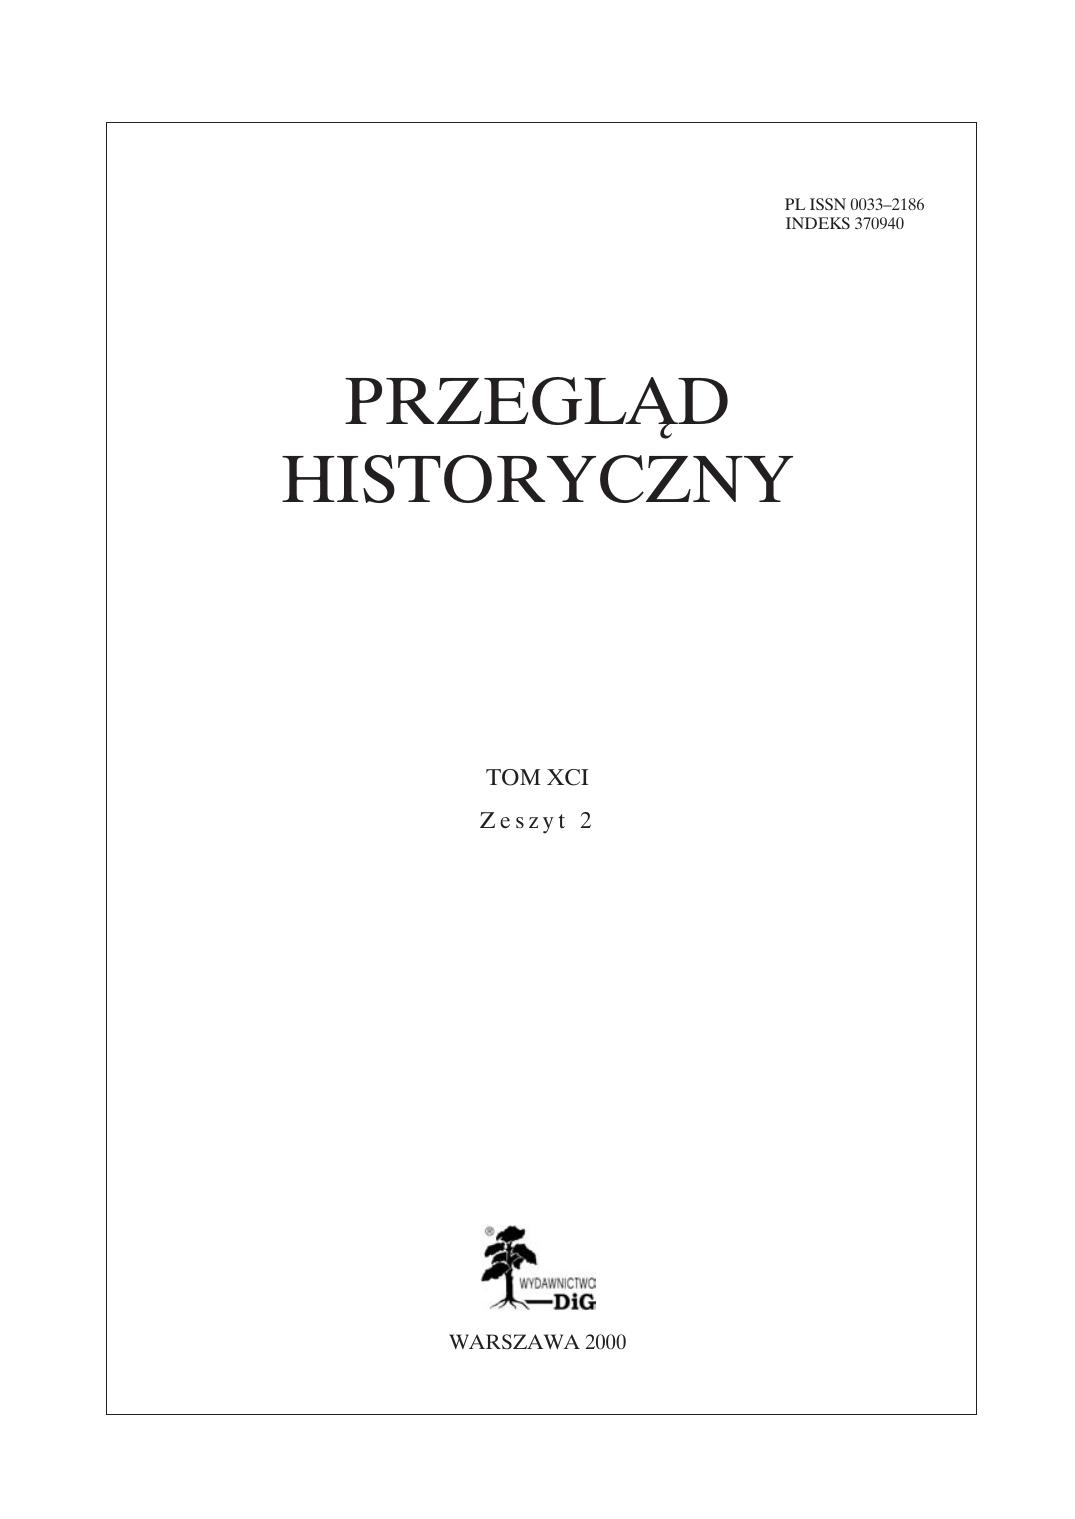 Przegląd Historyczny Tom Xci Z 4 Manualzzcom